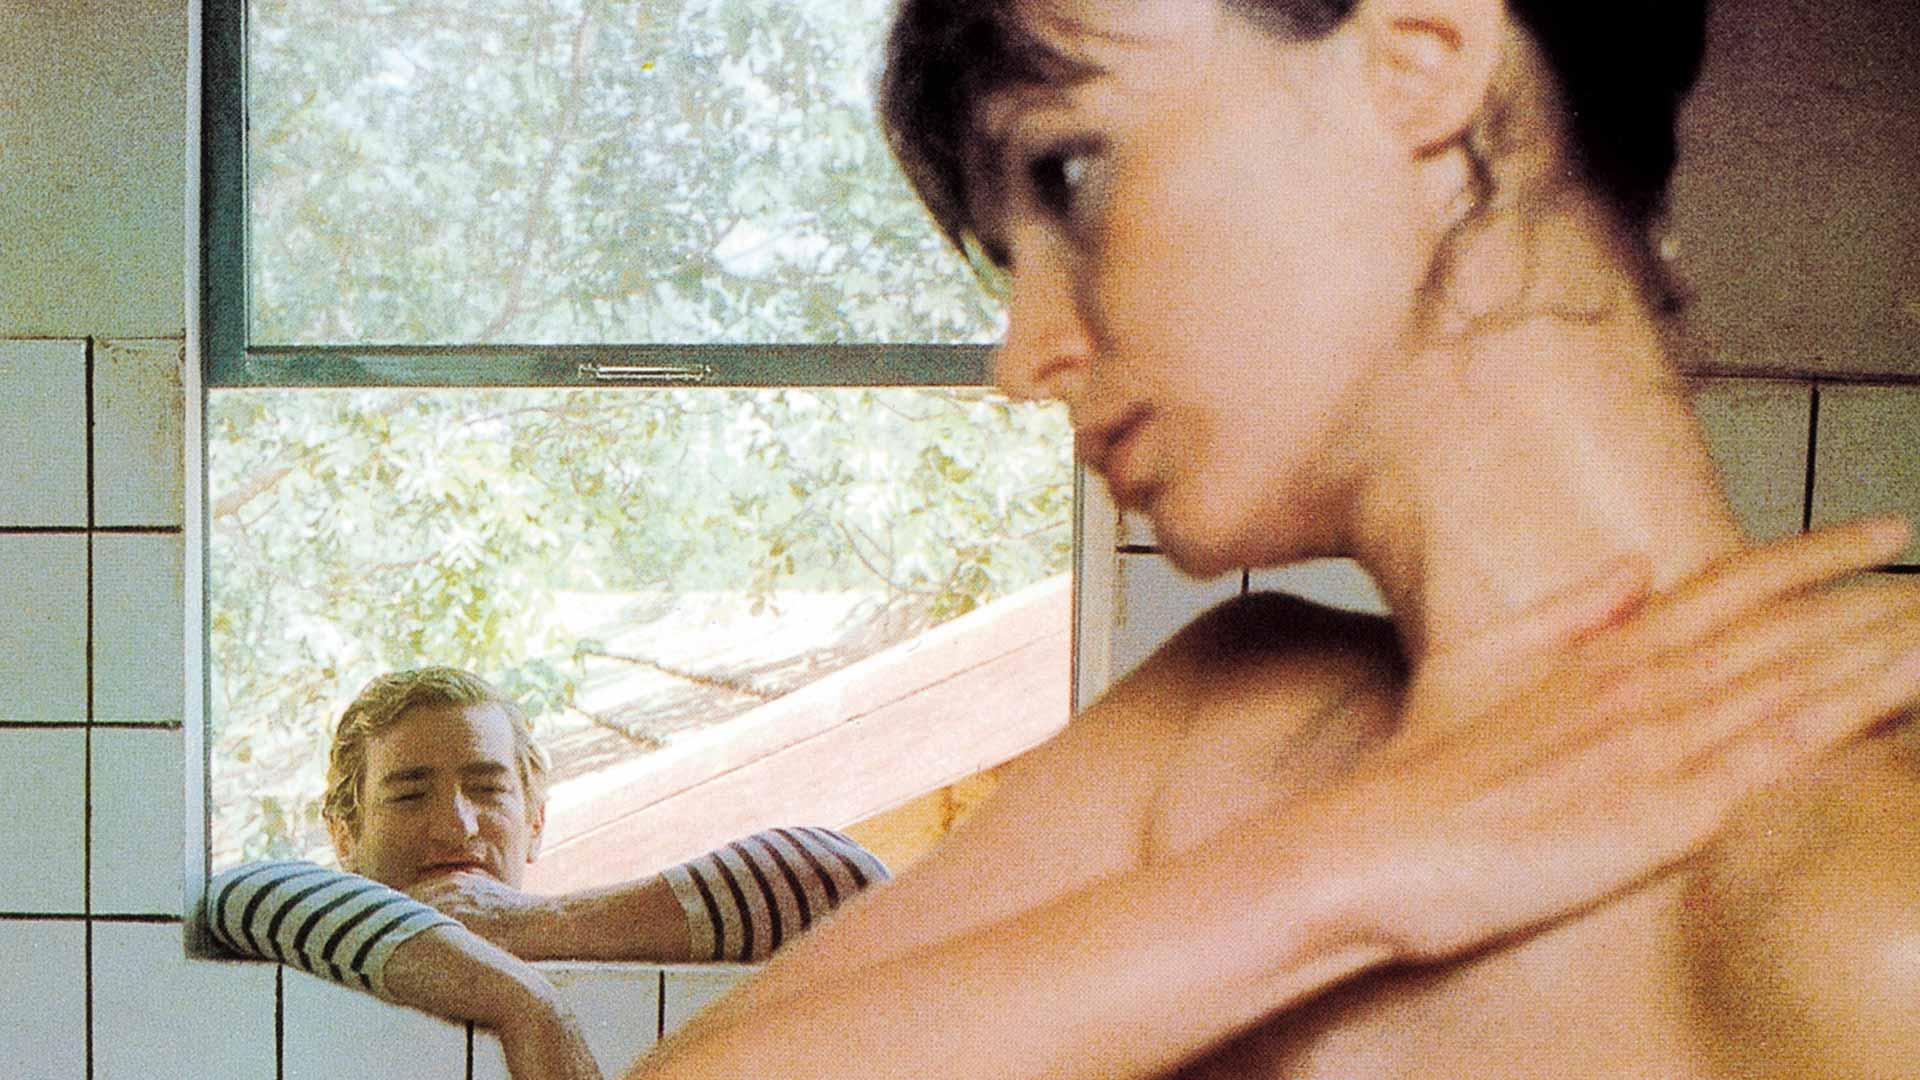 Nono (Eddy Mitchell) tirkistelee suihkuttelevaa Rose Marcaillouta (Isabelle Huppert) elokuvassa Auringonpimennys.